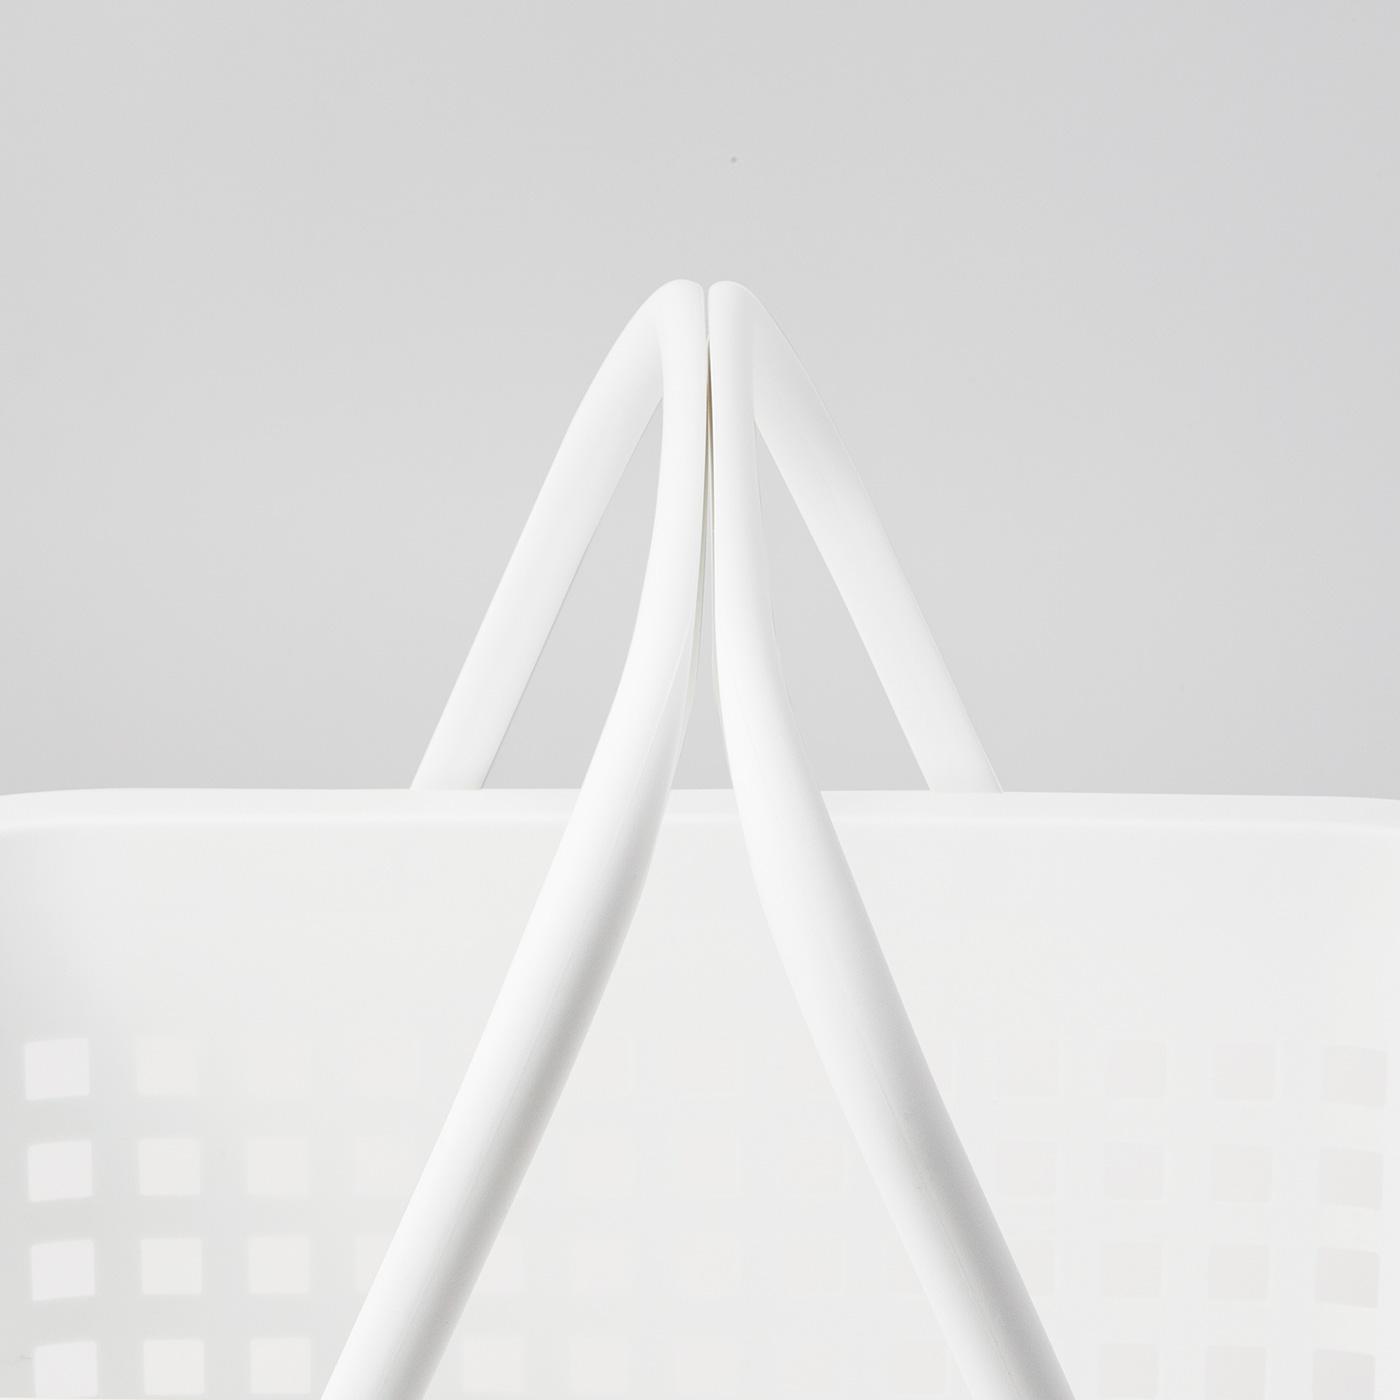 ハンドルは合わせると、重たいものも運びやすい形状に。